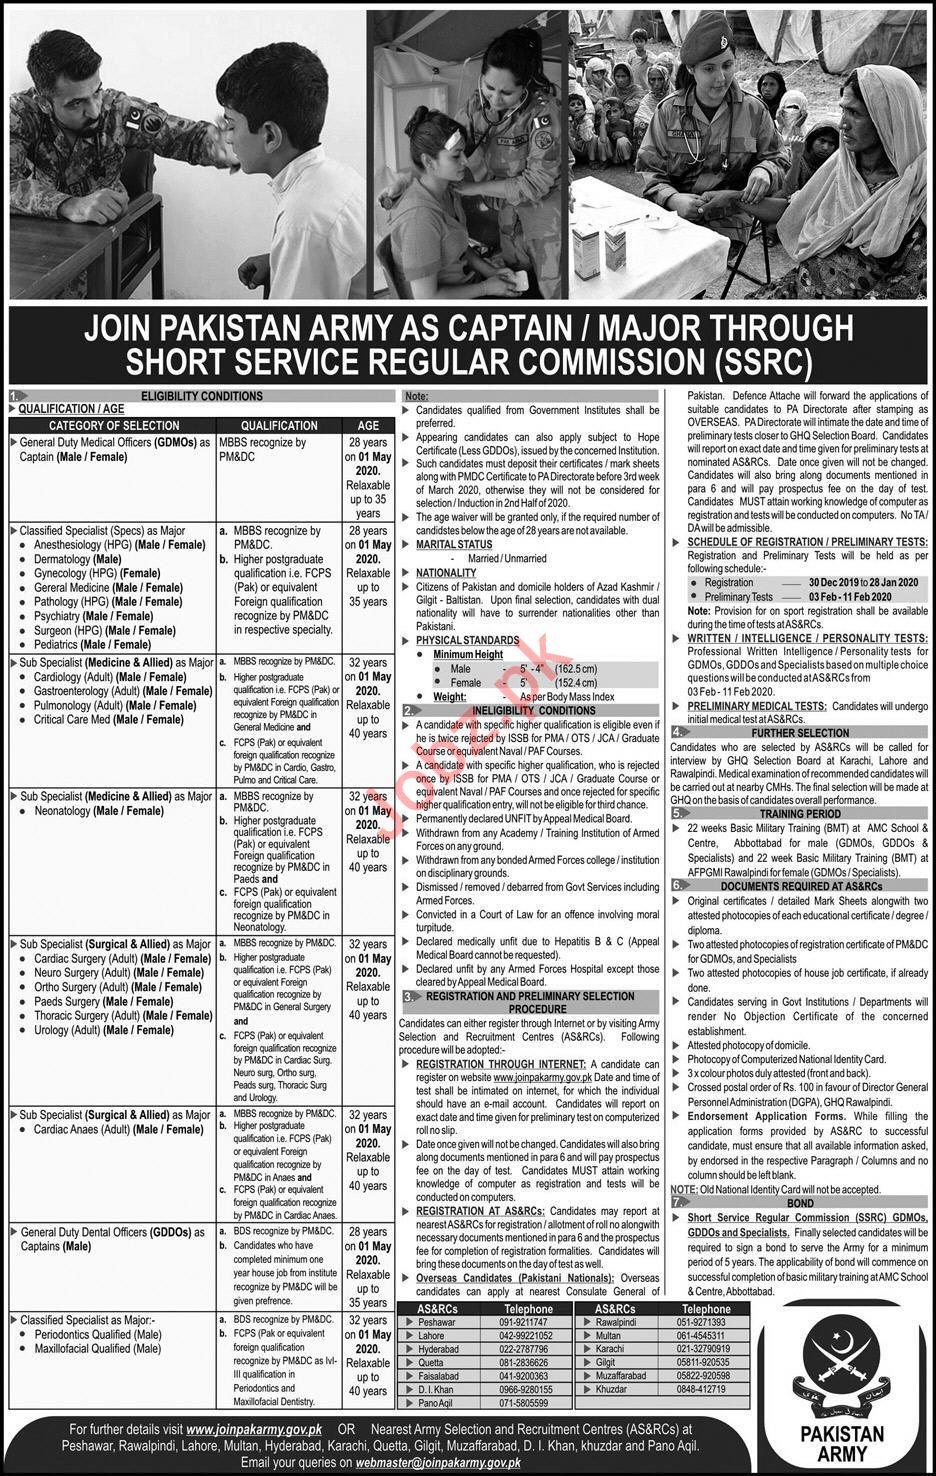 Join Pakistan Army As Captain & Major through SSRC